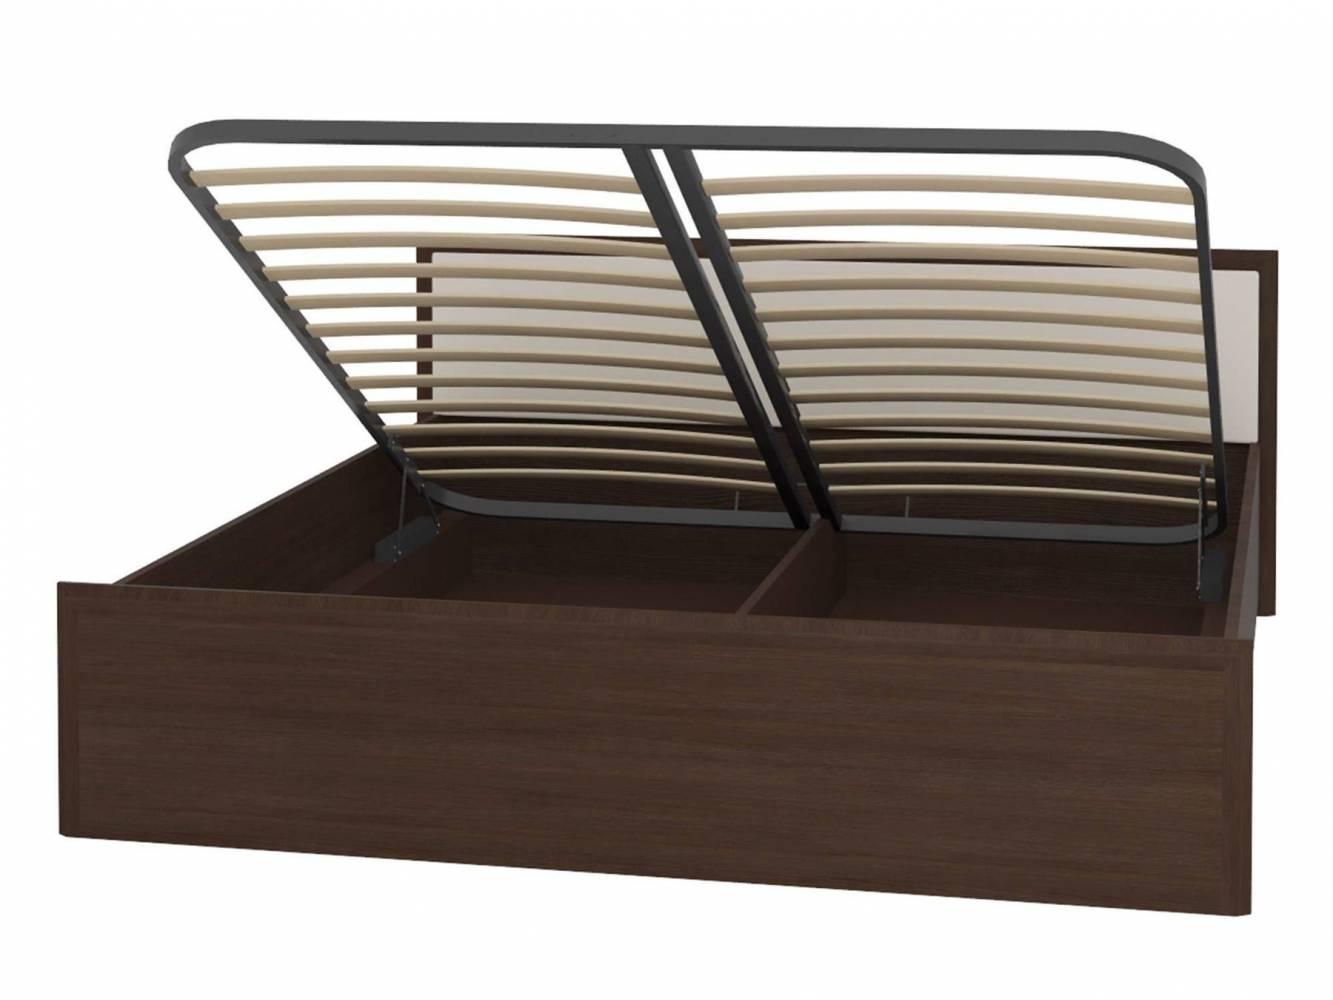 АМЕЛИ 1+1.2 Кровать 180*200 Венге в комплекте с основанием с подъемным механизмом